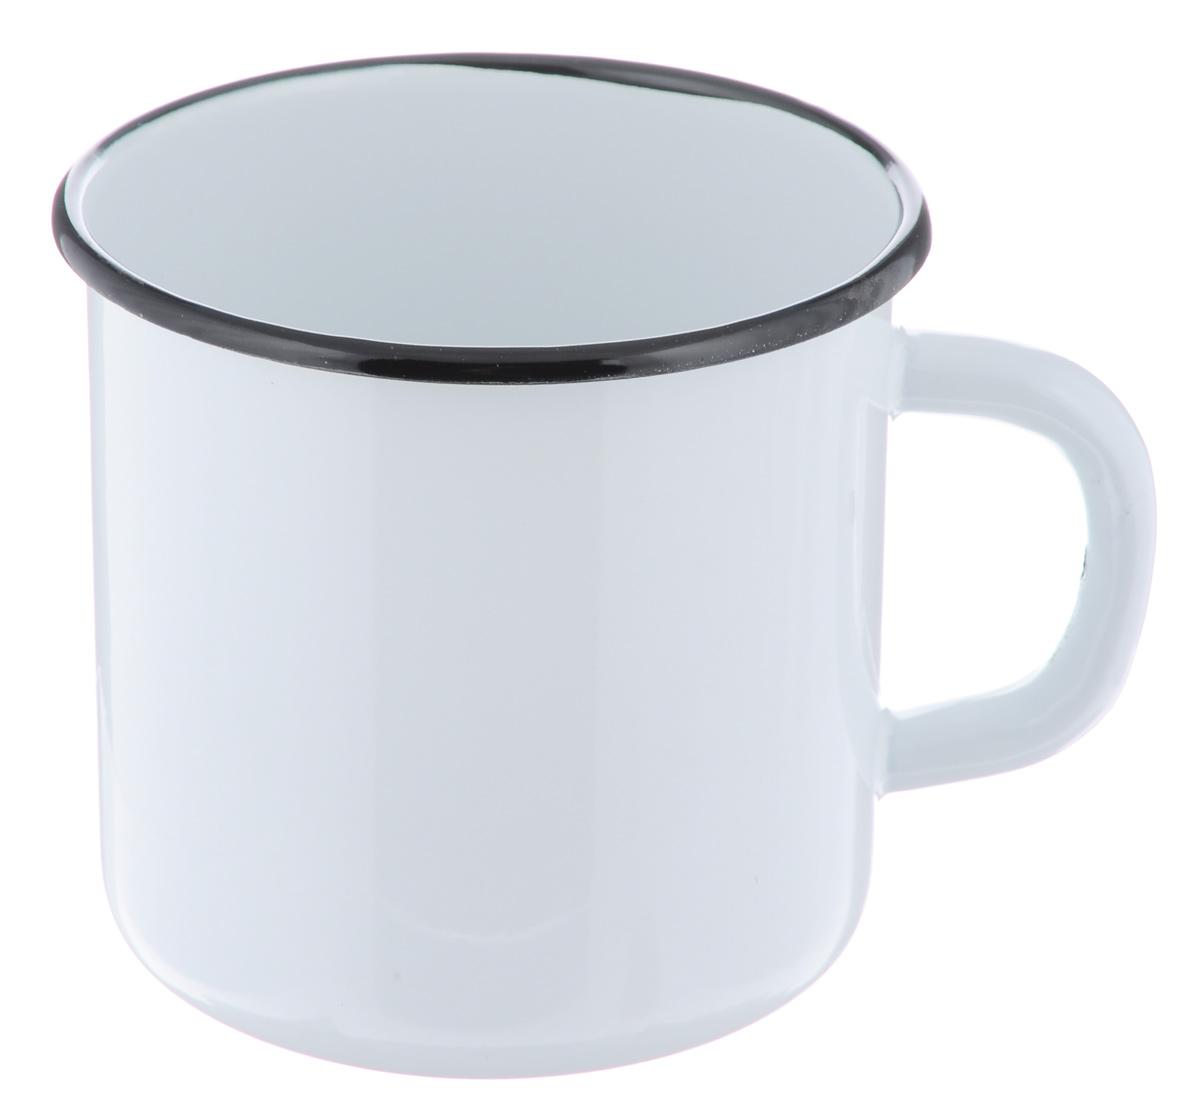 Кружка эмалированная СтальЭмаль, цвет: белый, 1 л кружка эмалированная стальэмаль клубника 1 л